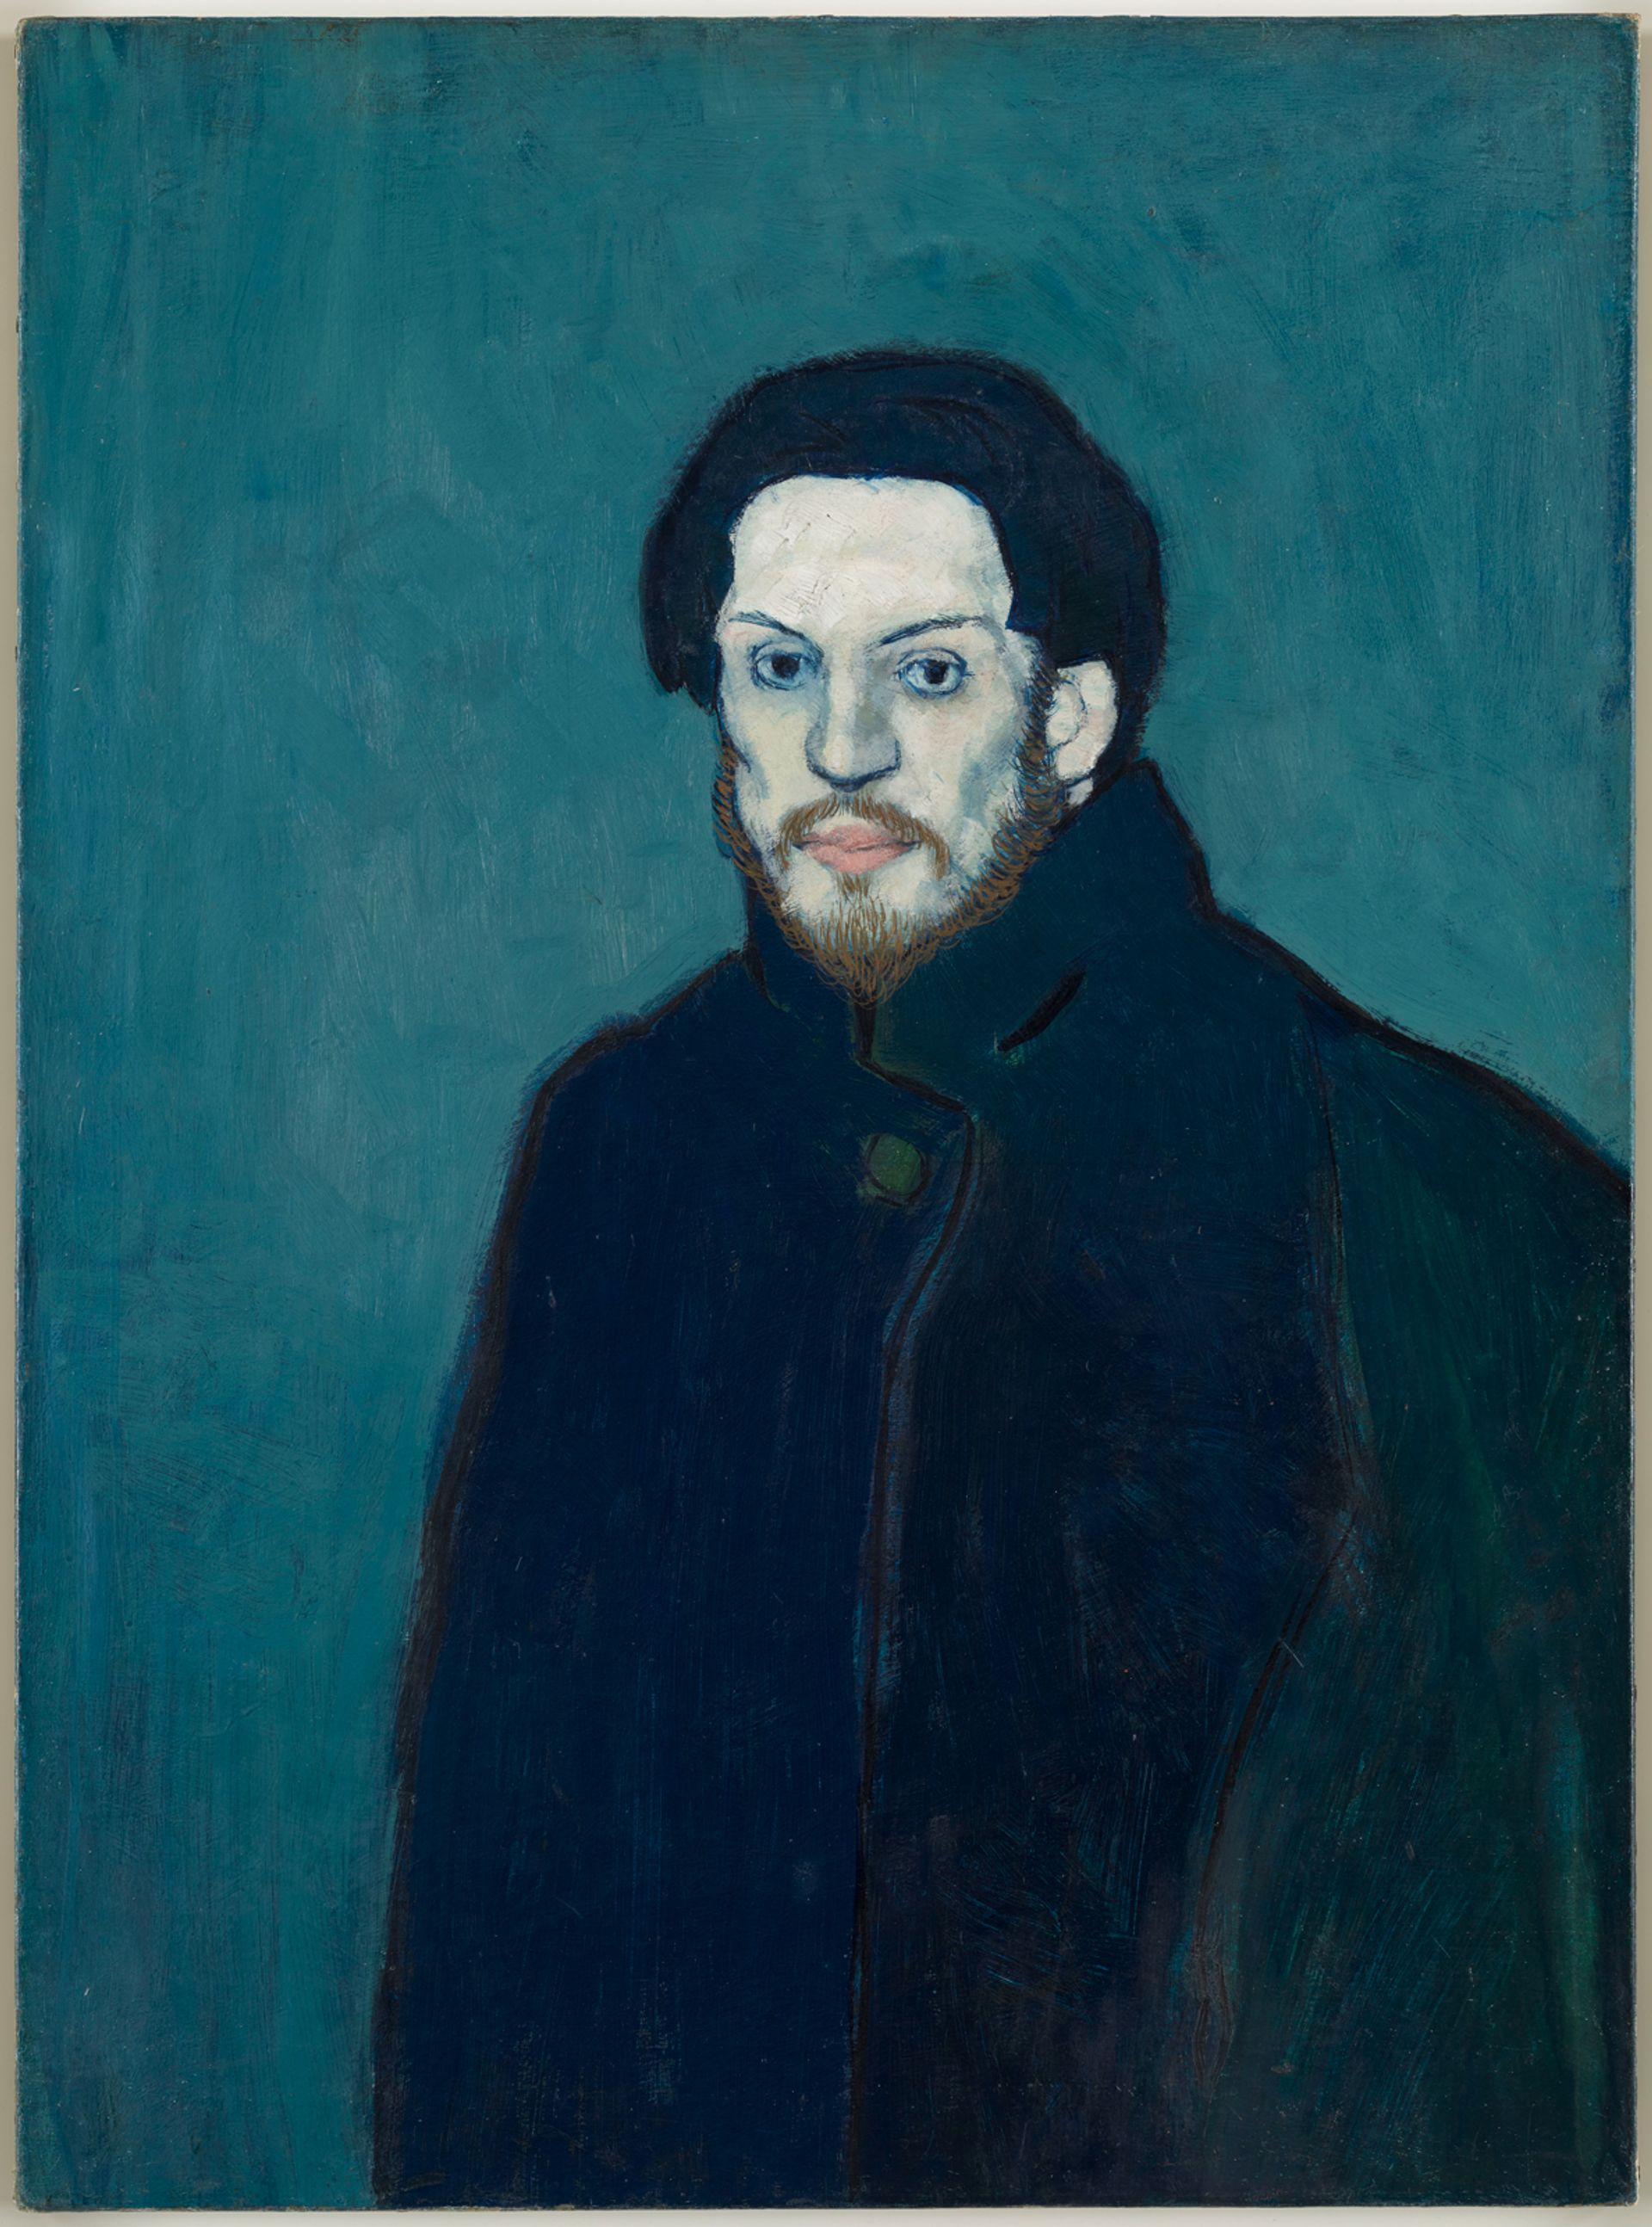 Picasso's Self-portrait (1901) © Succession Picasso. Photo: RMN-Grand Palais (Musée National Picasso-Paris), Mathieu Rabeau